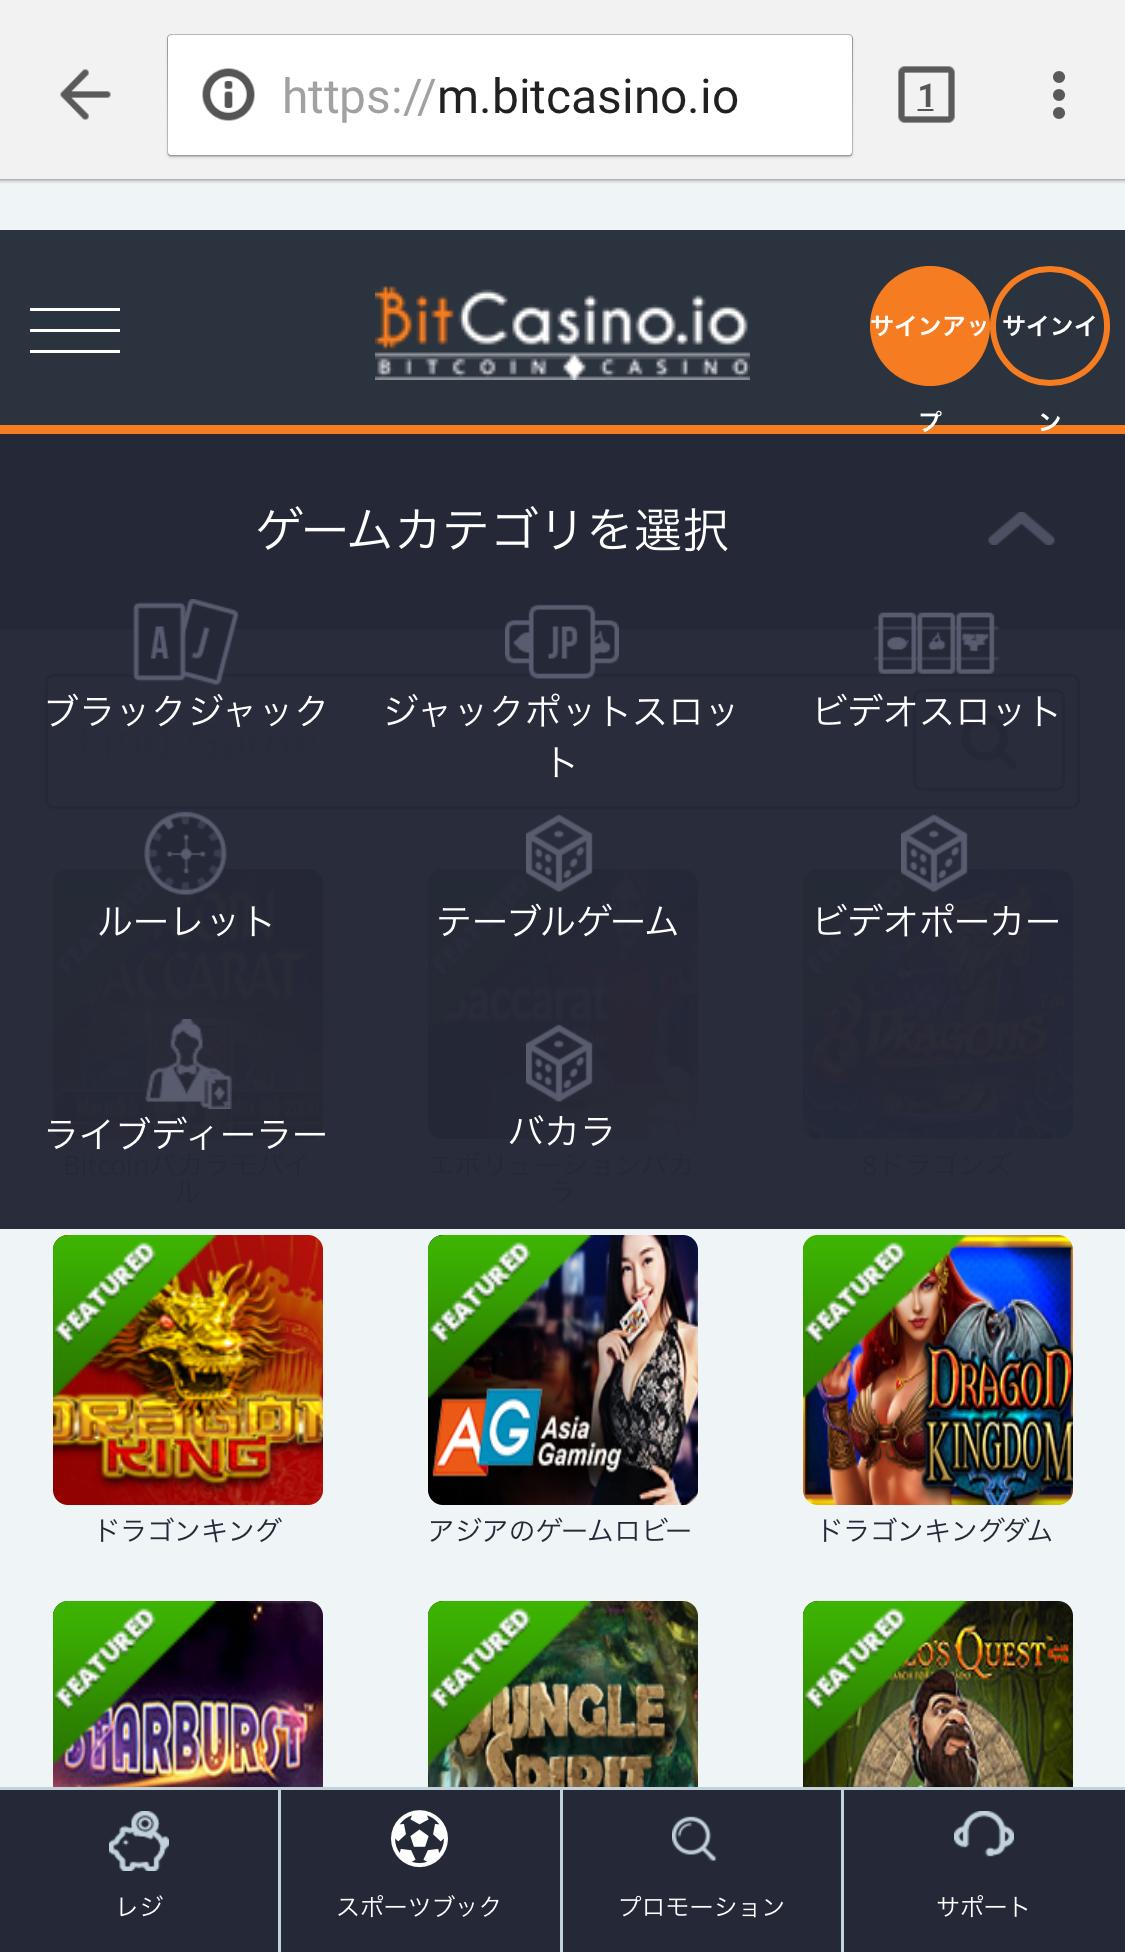 ビットコインカジノビットカジノアイオーのスマートフォン画面